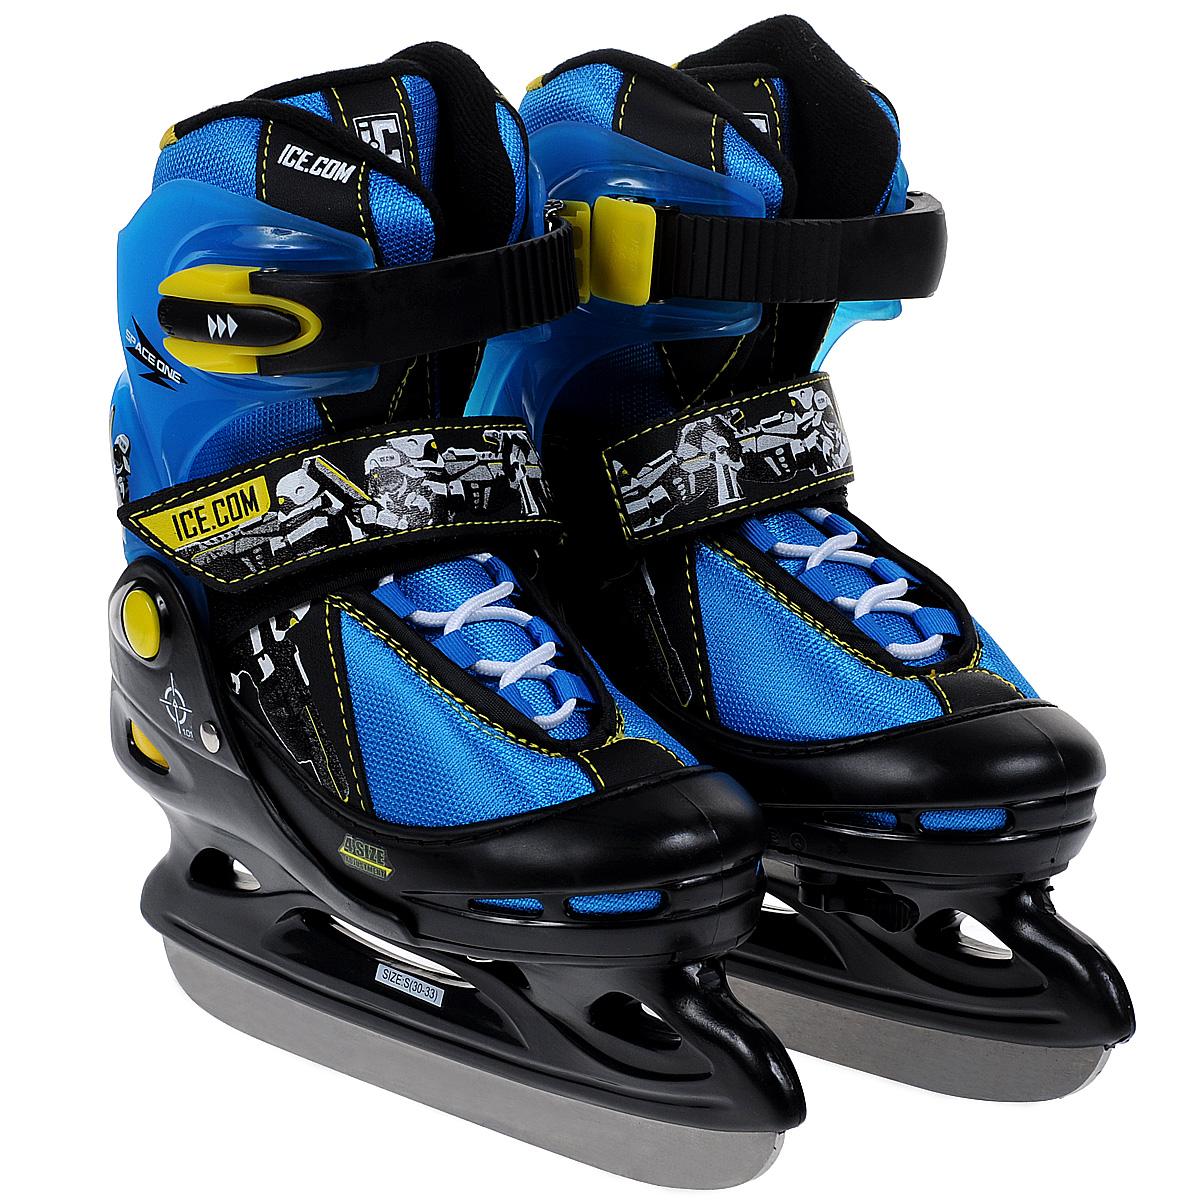 Коньки ледовые для мальчика Ice. Com Space, раздвижные, цвет: черный, синий. Размер 30/33SpaceЯркие ледовые коньки для мальчика Space от Ice. Com отлично подойдут для начинающих обучаться катанию. Ботинок Comfortable Fit очень хорошо держит ногу и при этом, позволит чувствовать удобство во время катания. Он изготовлен из морозостойкого пластика, который защитит ногу от ударов, и прочного нейлона со вставками из ПВХ и поролоновым утеплителем. Четкую фиксацию голени обеспечивают шнуровка Quick Lace, застежка на липучке Velcro и застежка с фиксатором Power Strap. Стальное хоккейное лезвие обеспечит превосходное скольжение. Особенностью коньков является раздвижная конструкция, которая позволяет увеличивать длину ботинка на 4 размера по мере роста ноги ребенка. Для того, чтобы Вам максимально точно подобрать размер коньков, узнайте длину стопы с точностью до миллиметра. Для этого поставьте босую ногу на лист бумаги А4 и отметьте на бумаге самые крайние точки Вашей стопы (пятка и носок). Затем измерьте обычной линейкой расстояние (до миллиметра) между этими...